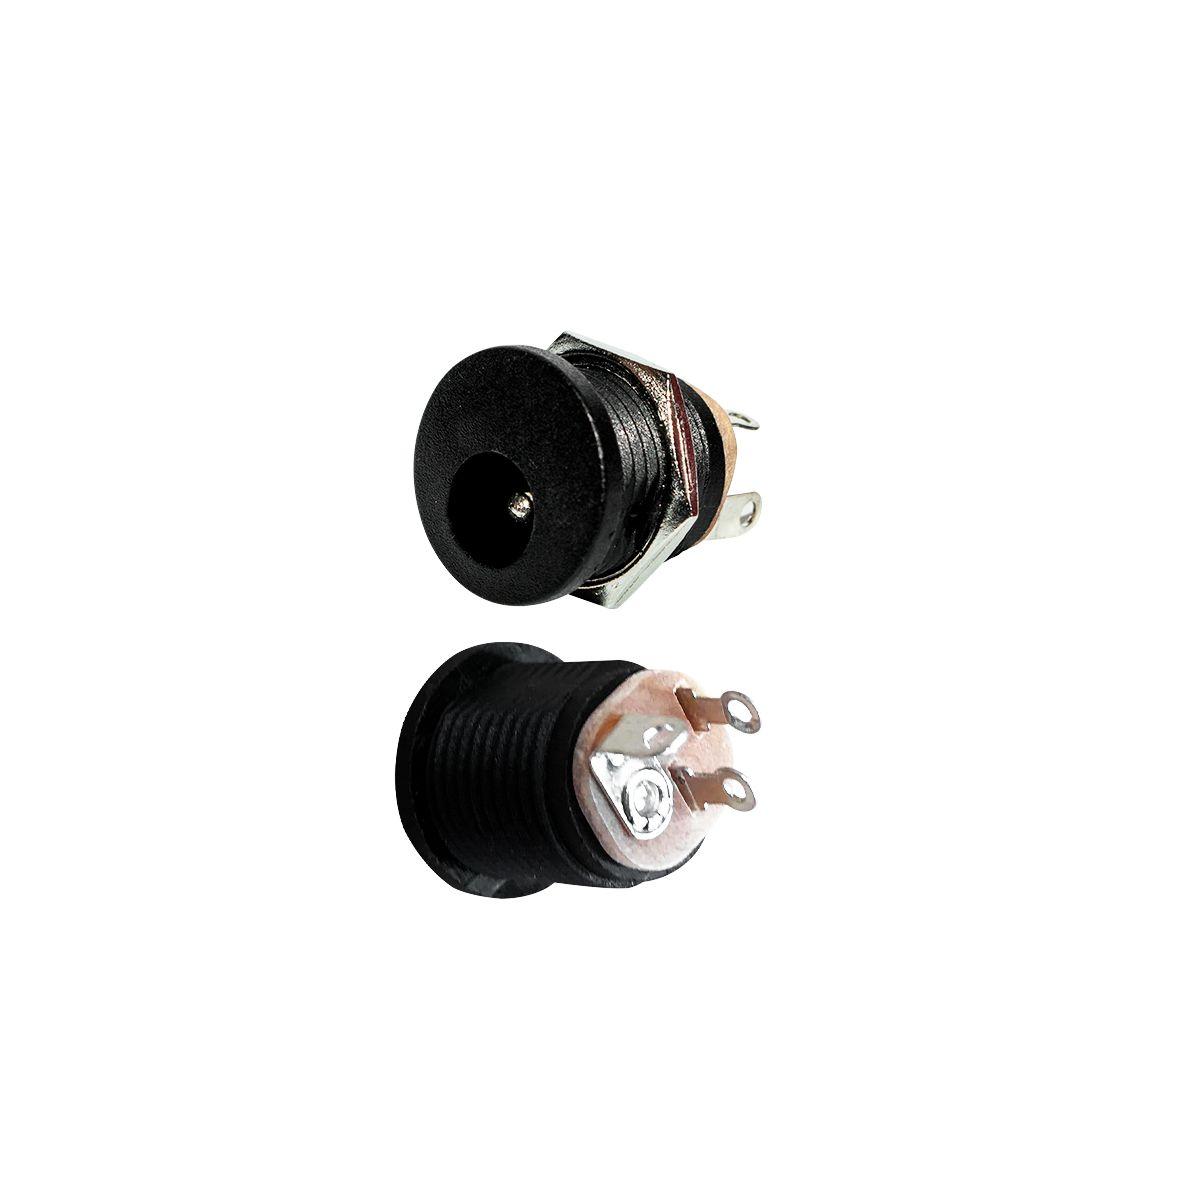 Kit 20 Unidades Conector Energia Pulverizador Elétrico 5/8/10L e Lavadoras